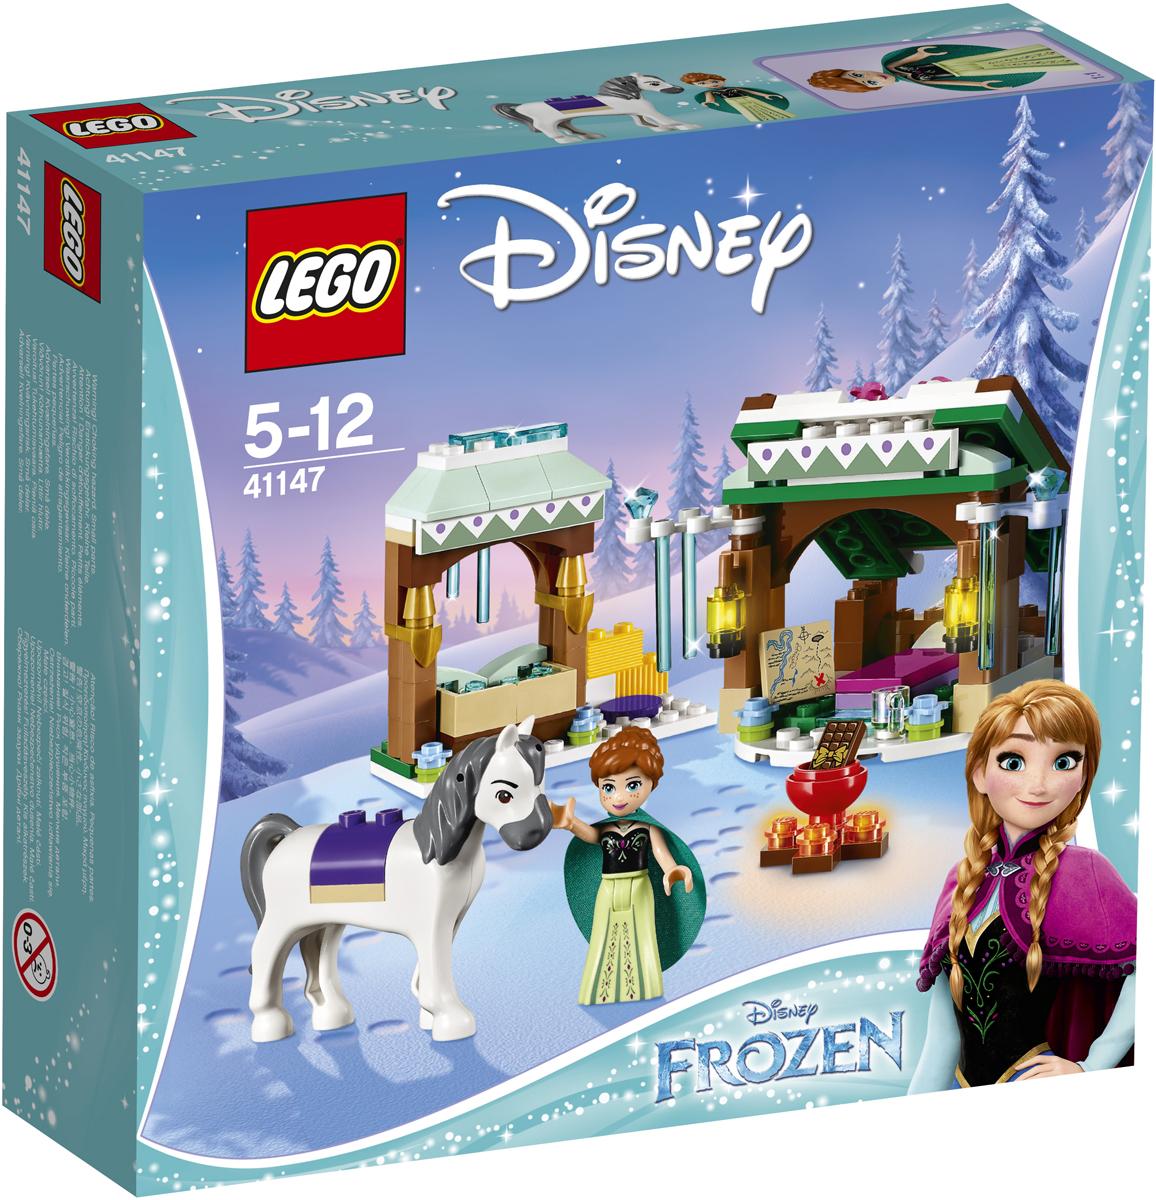 LEGO Disney Princesses Конструктор Зимние приключения Анны 4114741147Анна и её конь останавливаются на отдых по дороге на Северную гору. Отведи коня в стойло и покорми, а потом усади Анну к огню и приготовь горячий шоколад, чтобы помочь ей согреться. Перед тем как отправиться спать в уютный домик, вместе с Анной изучи карту. Хорошо выспавшись, Анна продолжит путь, чтобы навестить свою сестру.